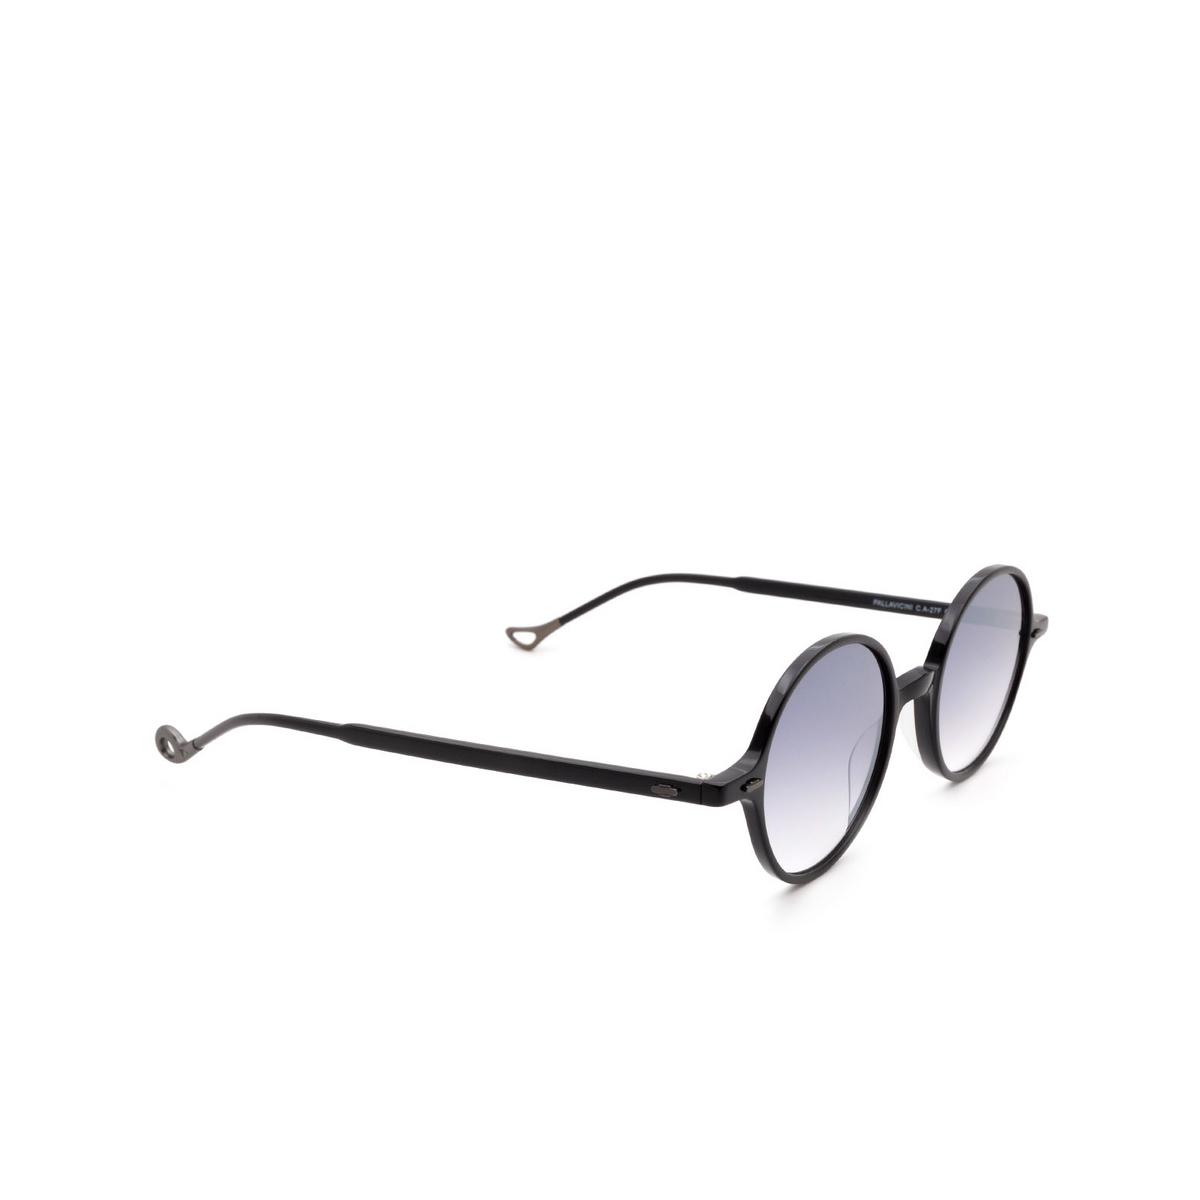 Eyepetizer® Round Sunglasses: Pallavicini color Black C.A-27F.